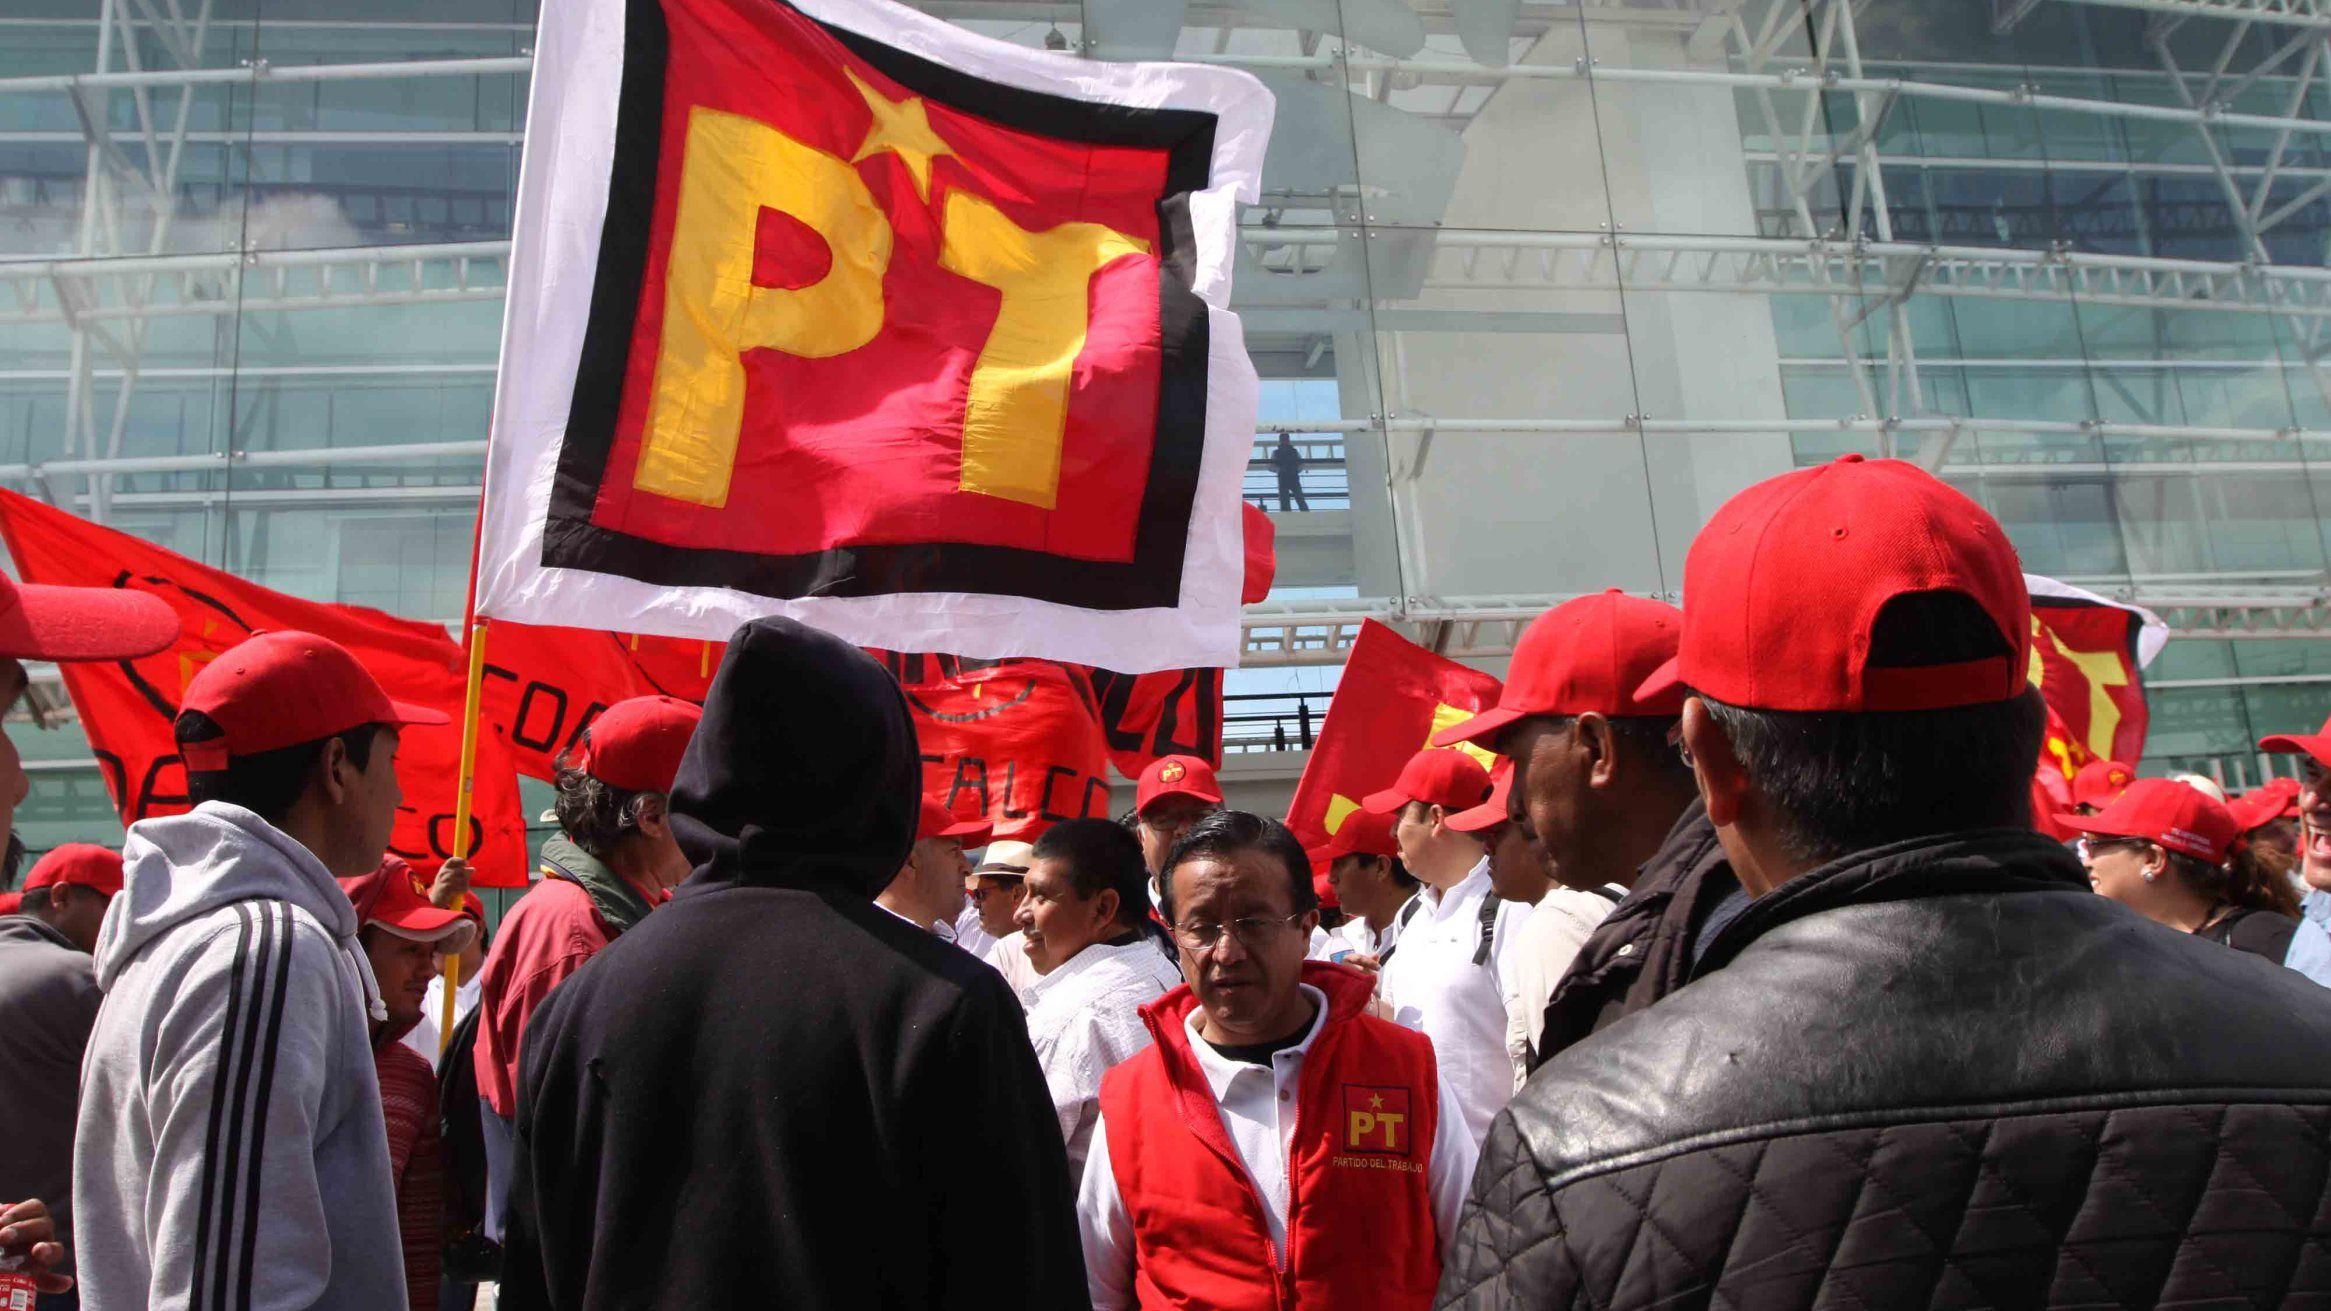 CdMx.- El Partido Revolucionario Institucional presentó ante la Fiscalía Especializada para la Atención de Delitos Electorales (FEPADE), una denuncia de hechos y en el Instituto Nacional Electoral …